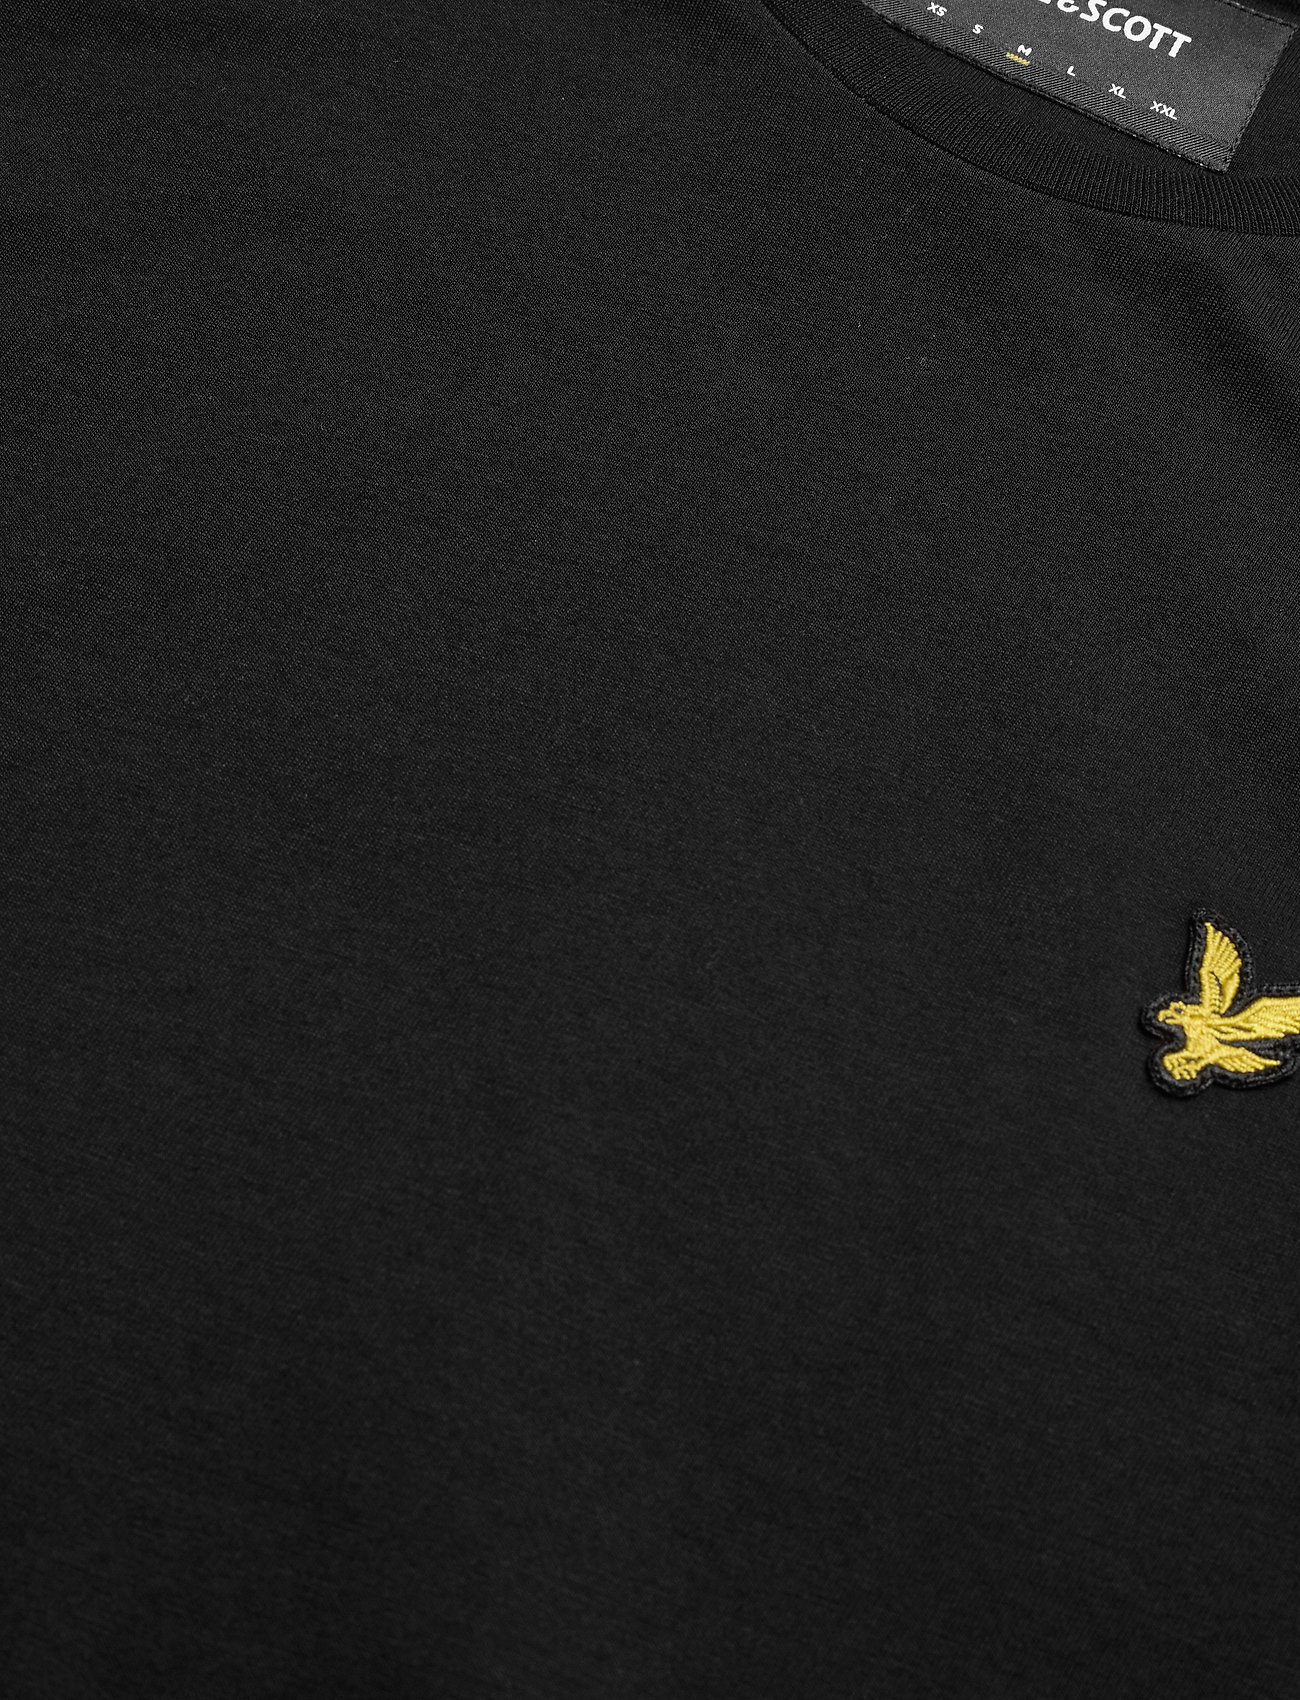 Lyle & Scott Crew Neck T-Shirt - T-skjorter JET BLACK - Menn Klær